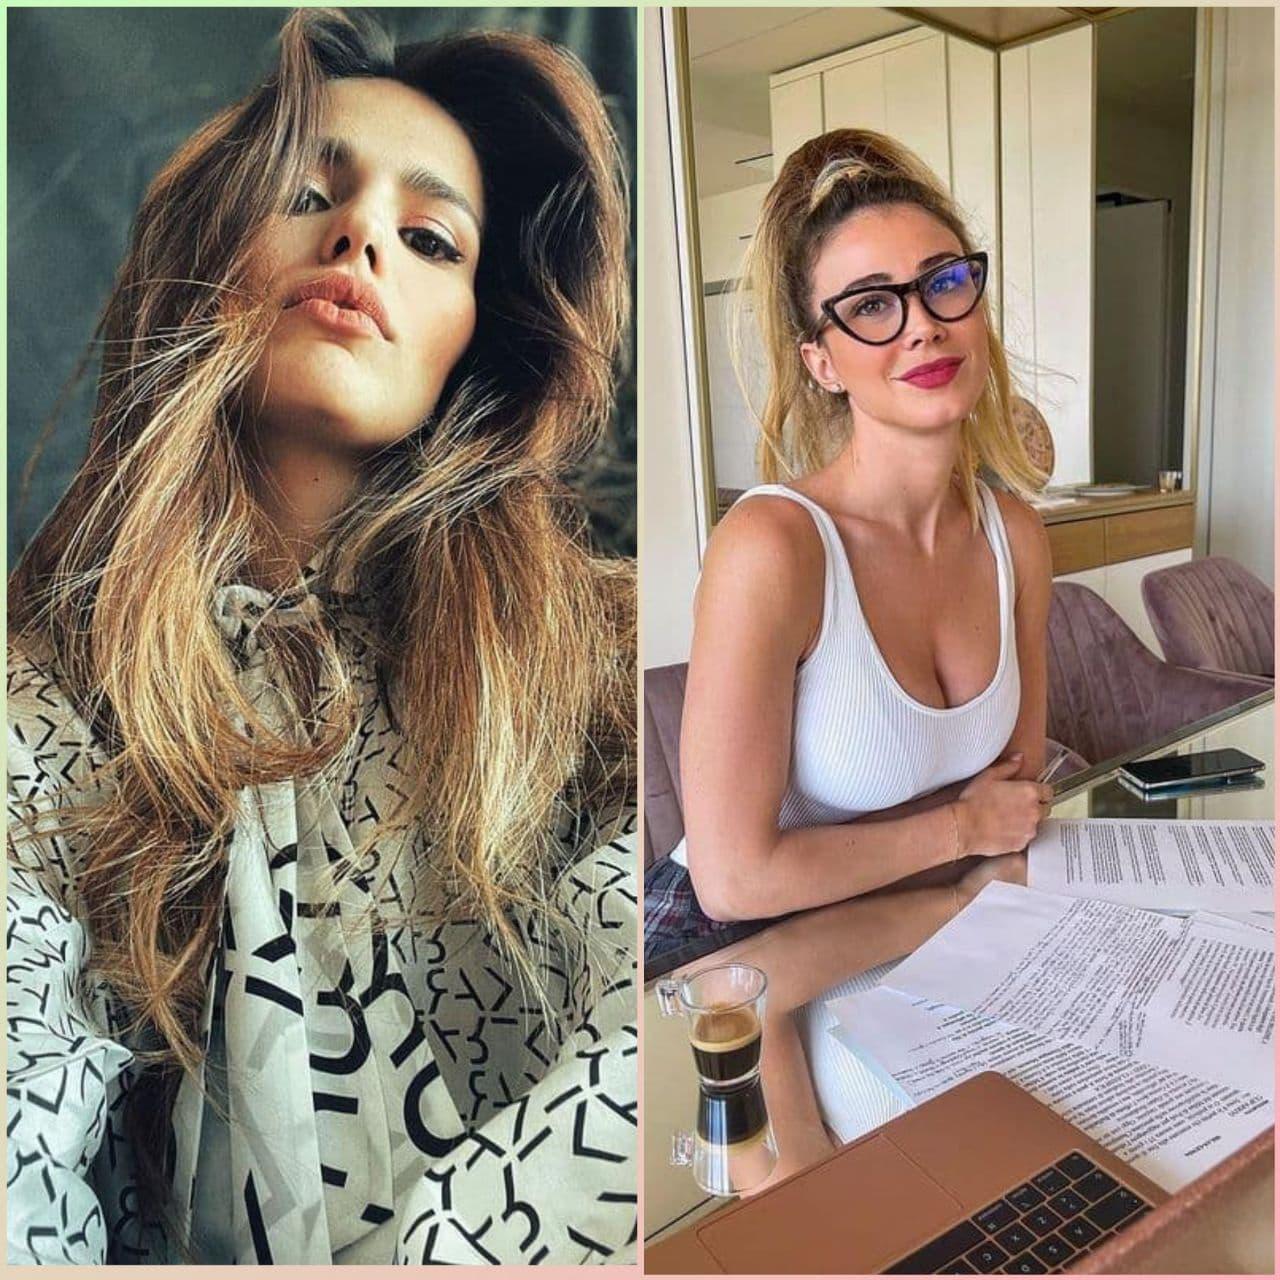 Кто симпатичнее?Жена Иско (слева) или журналист Дилетта Леотта?